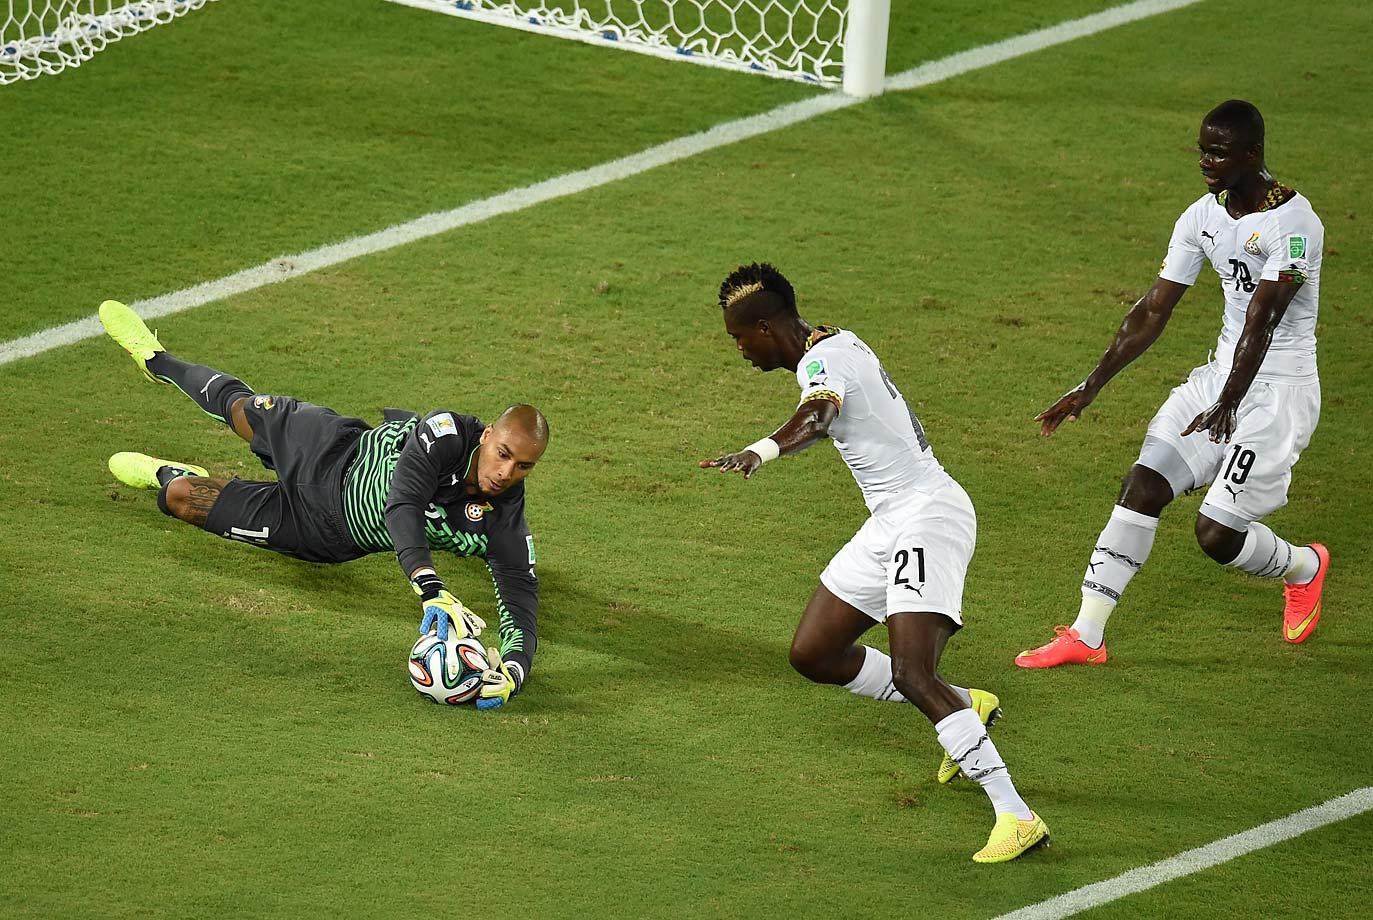 Ghana's goalkeeper Adam Larsen Kwarasey dives for the ball.